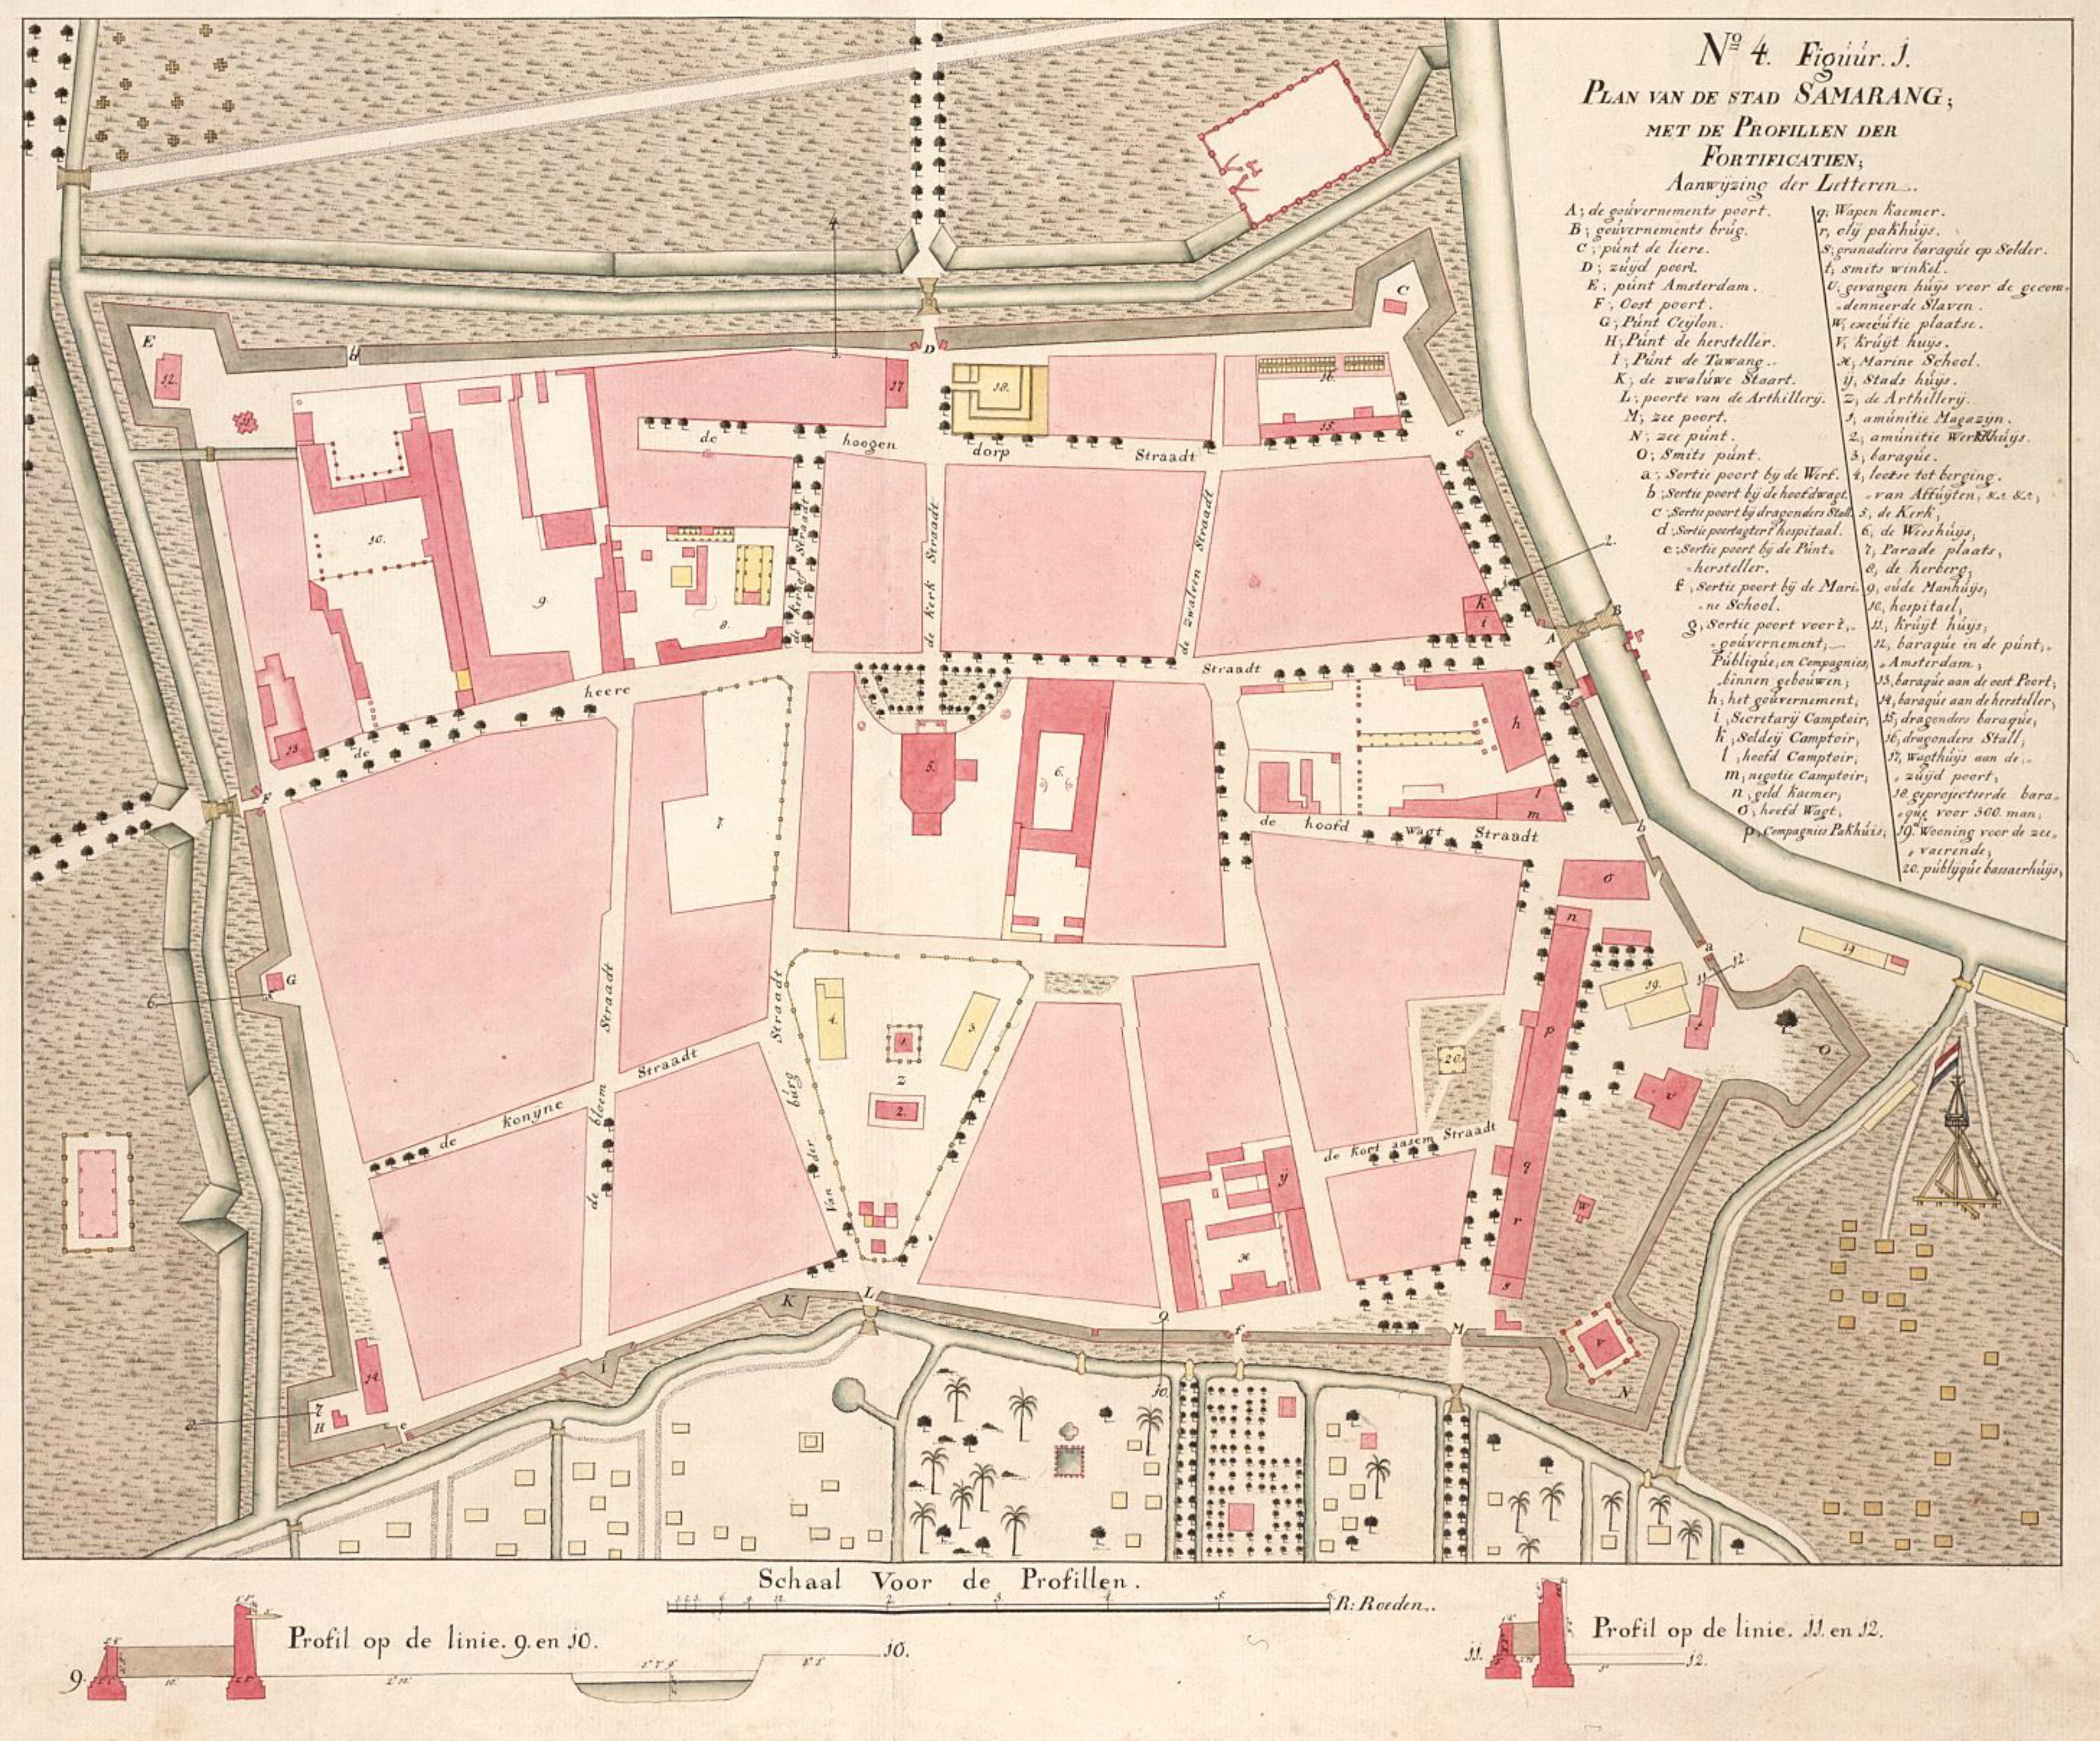 Peta Kuno Kota Lama Semarang